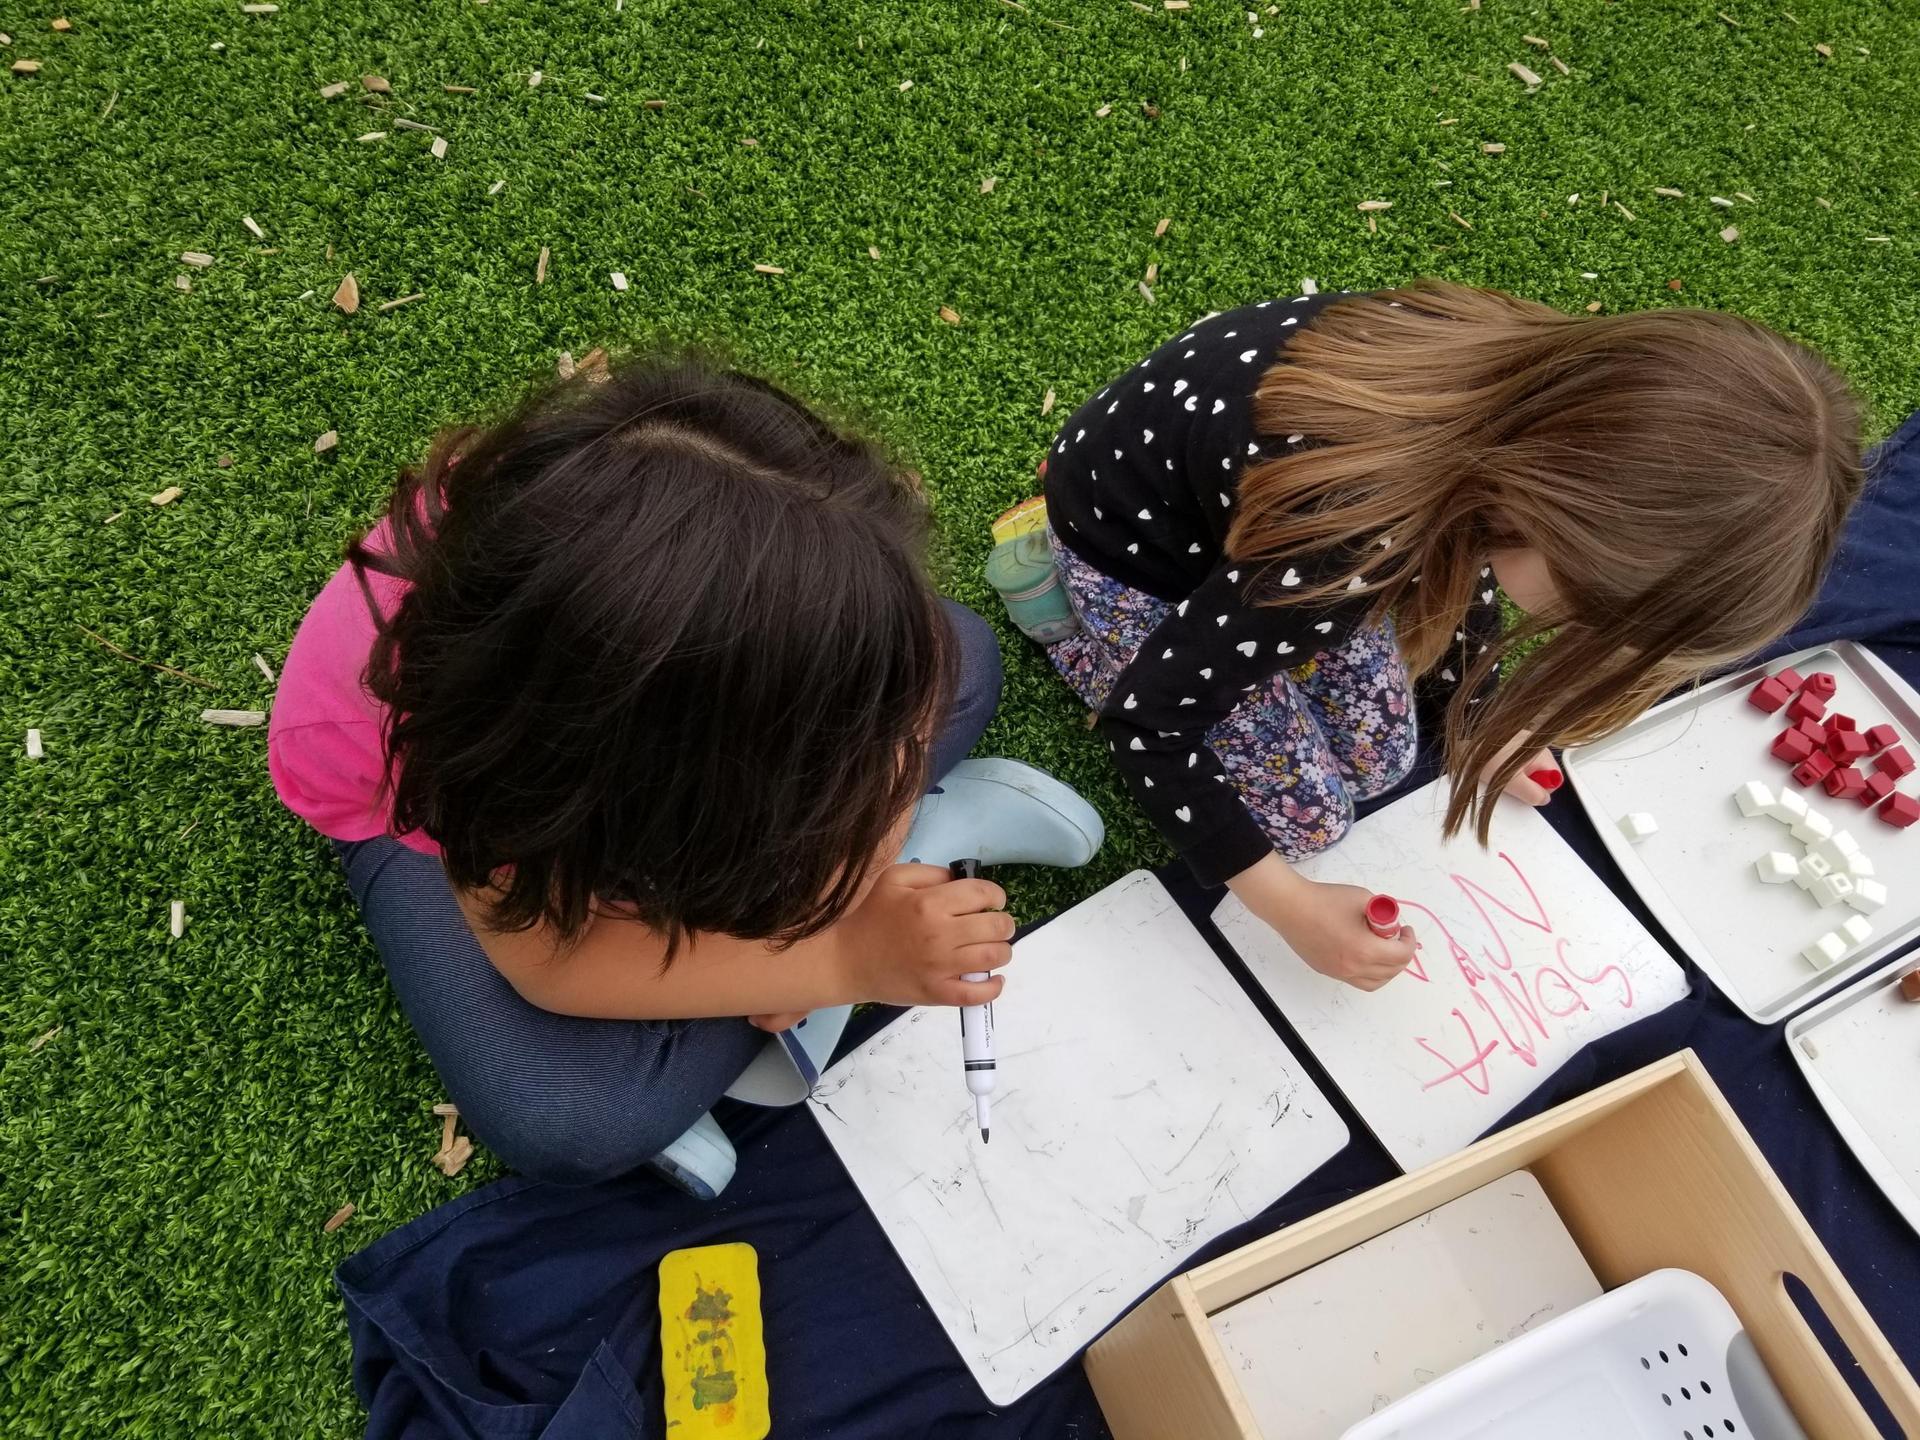 Outdoor journaling